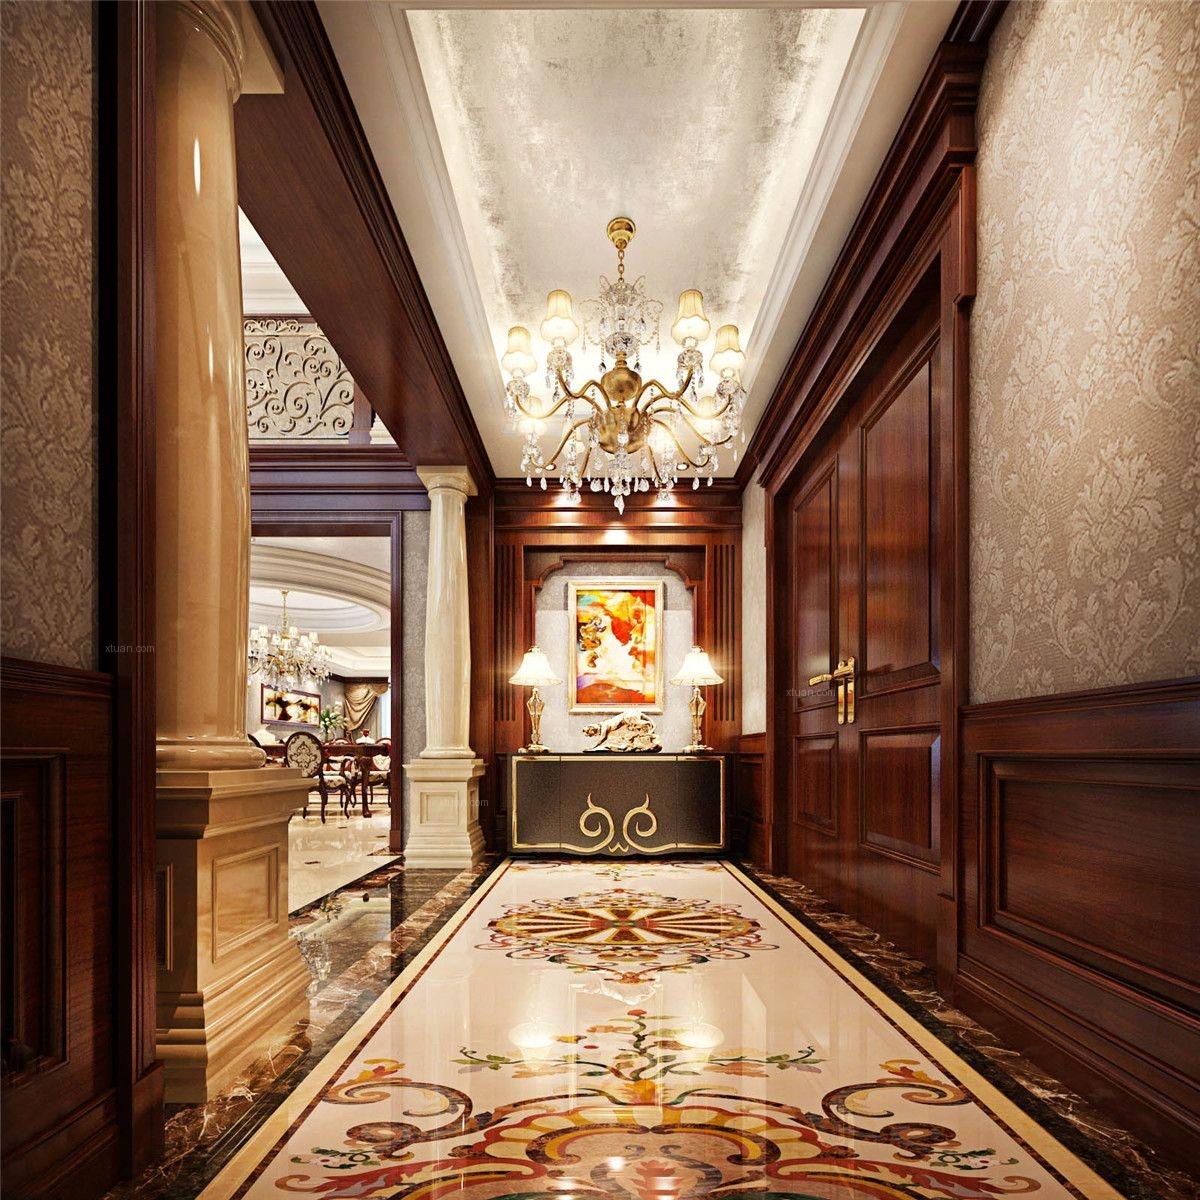 保利叶语别墅新中式风格设计装修效果图图片